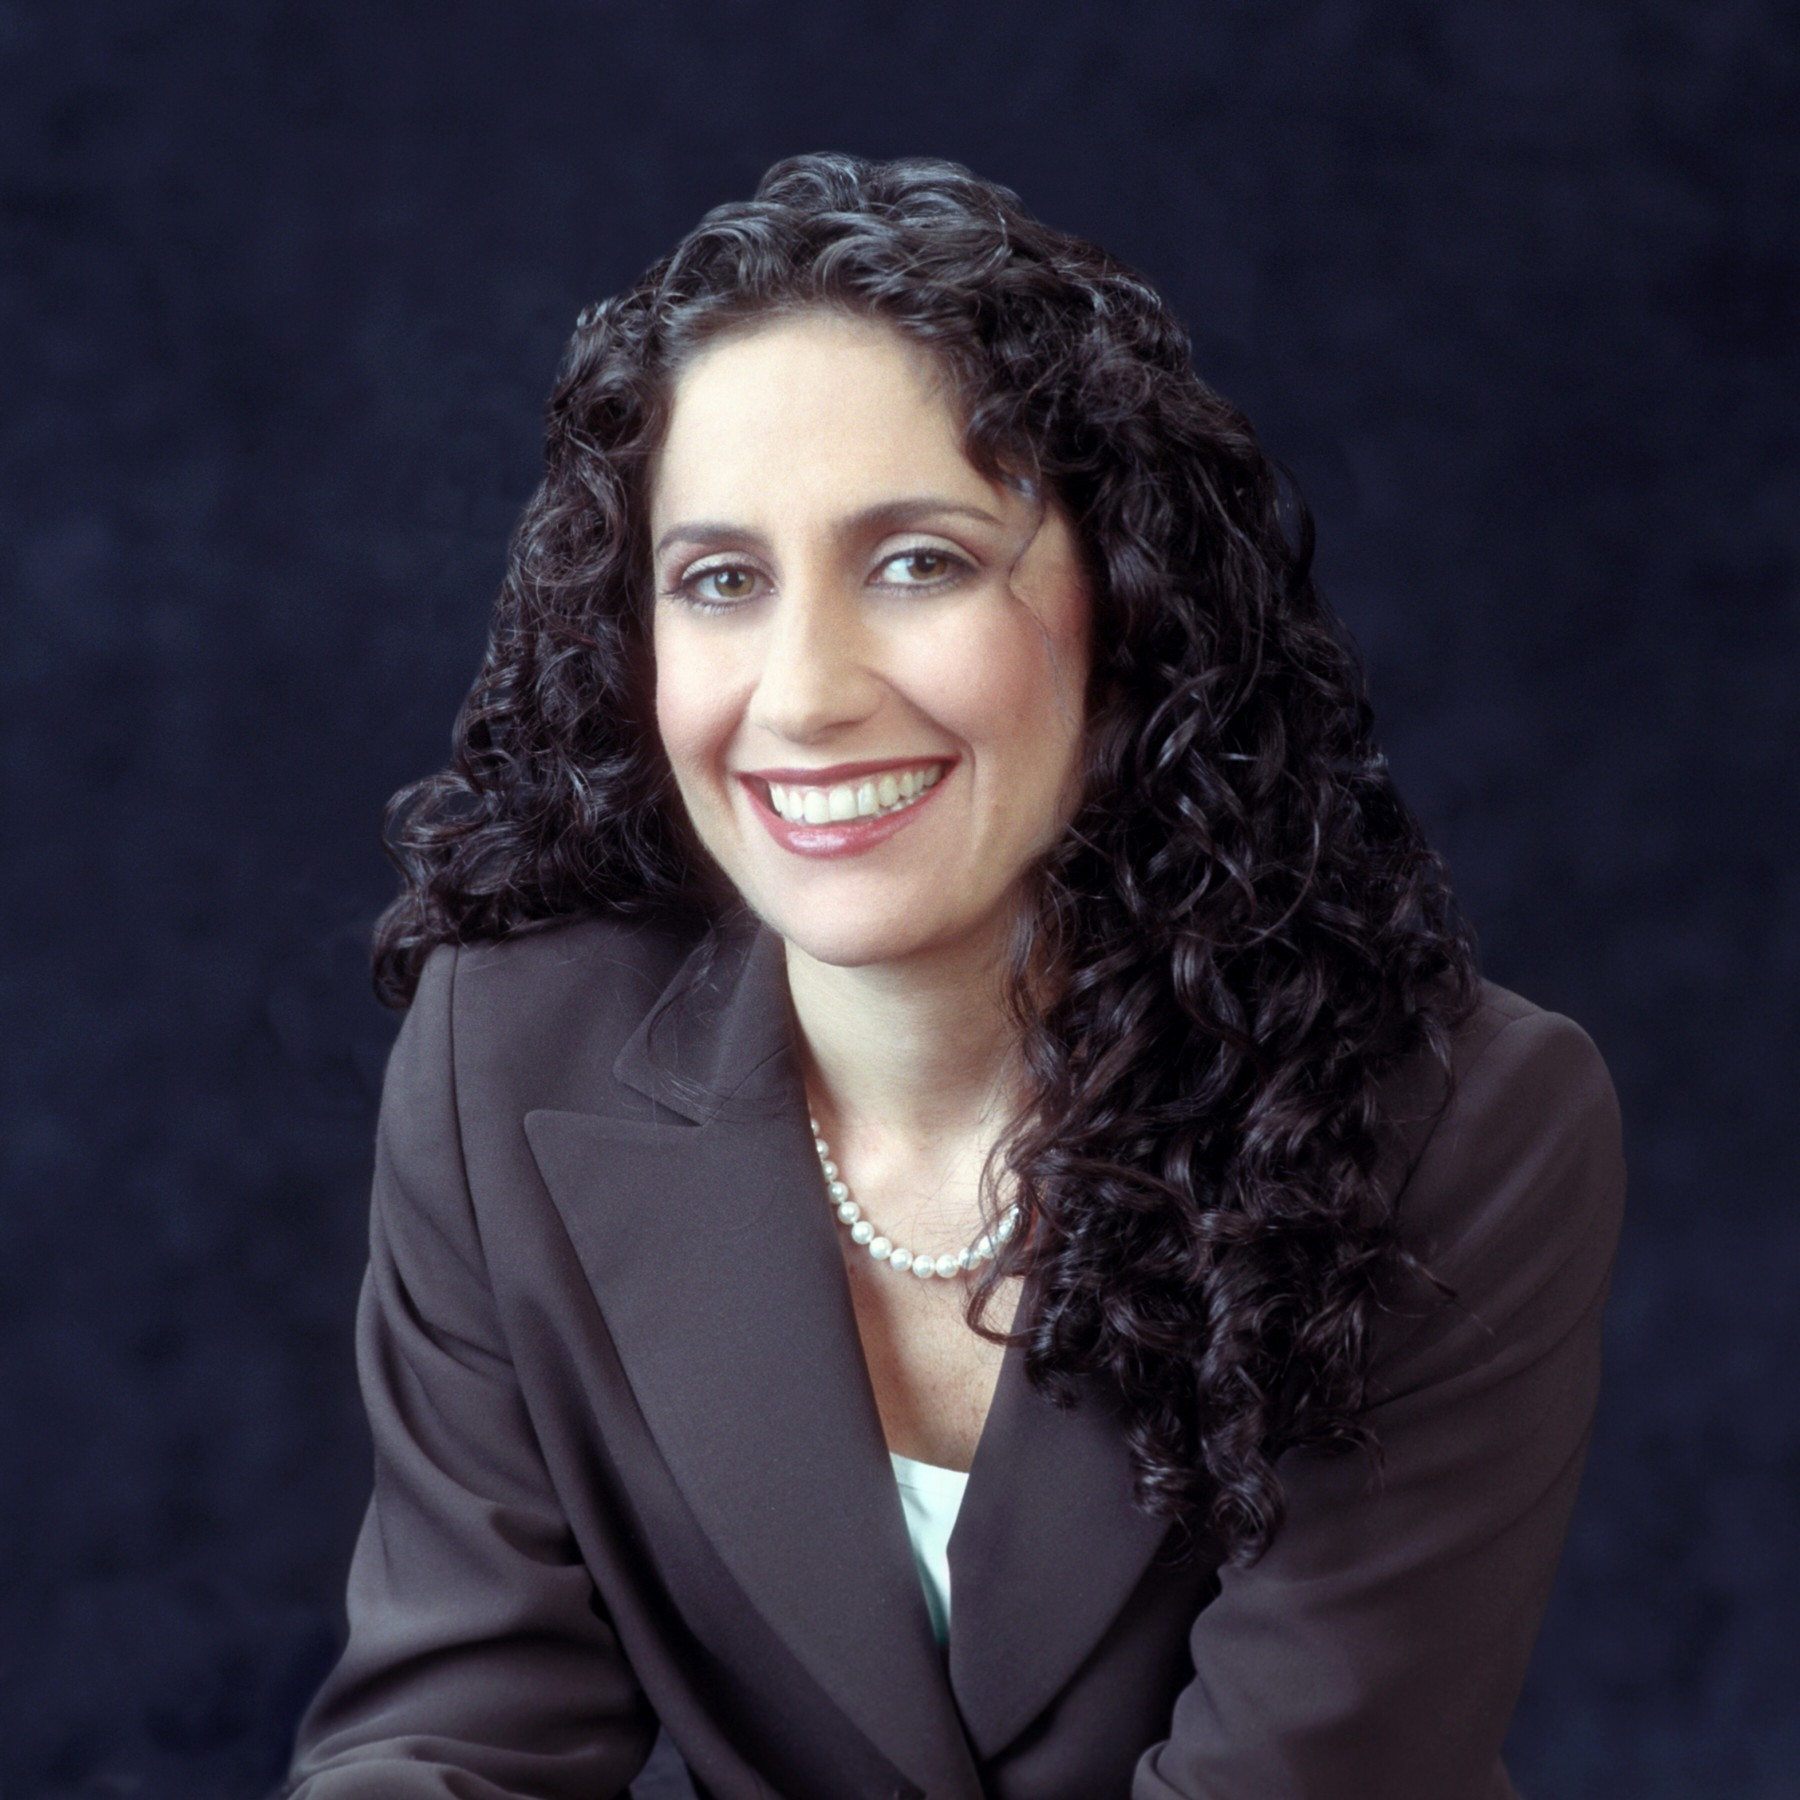 Gia Machlin